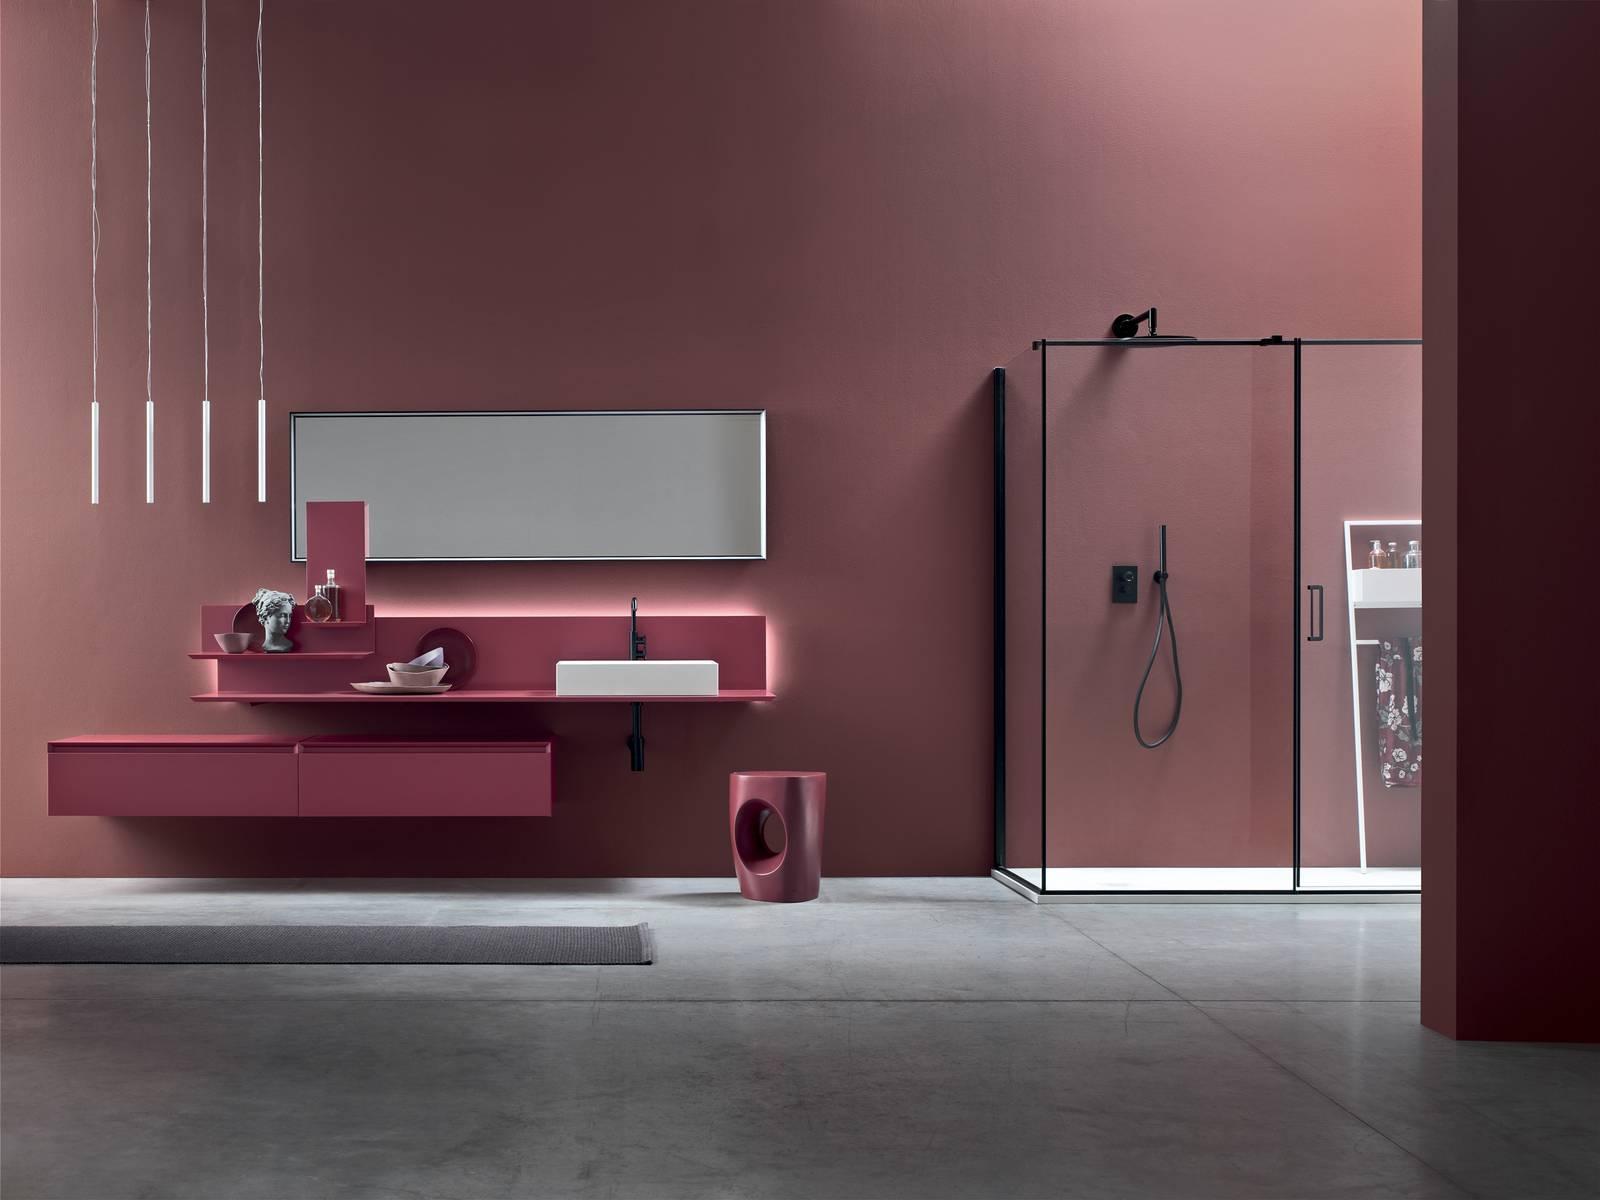 Mobili sospesi per il bagno moov il nuovo concetto di - Arcom mobili bagno ...